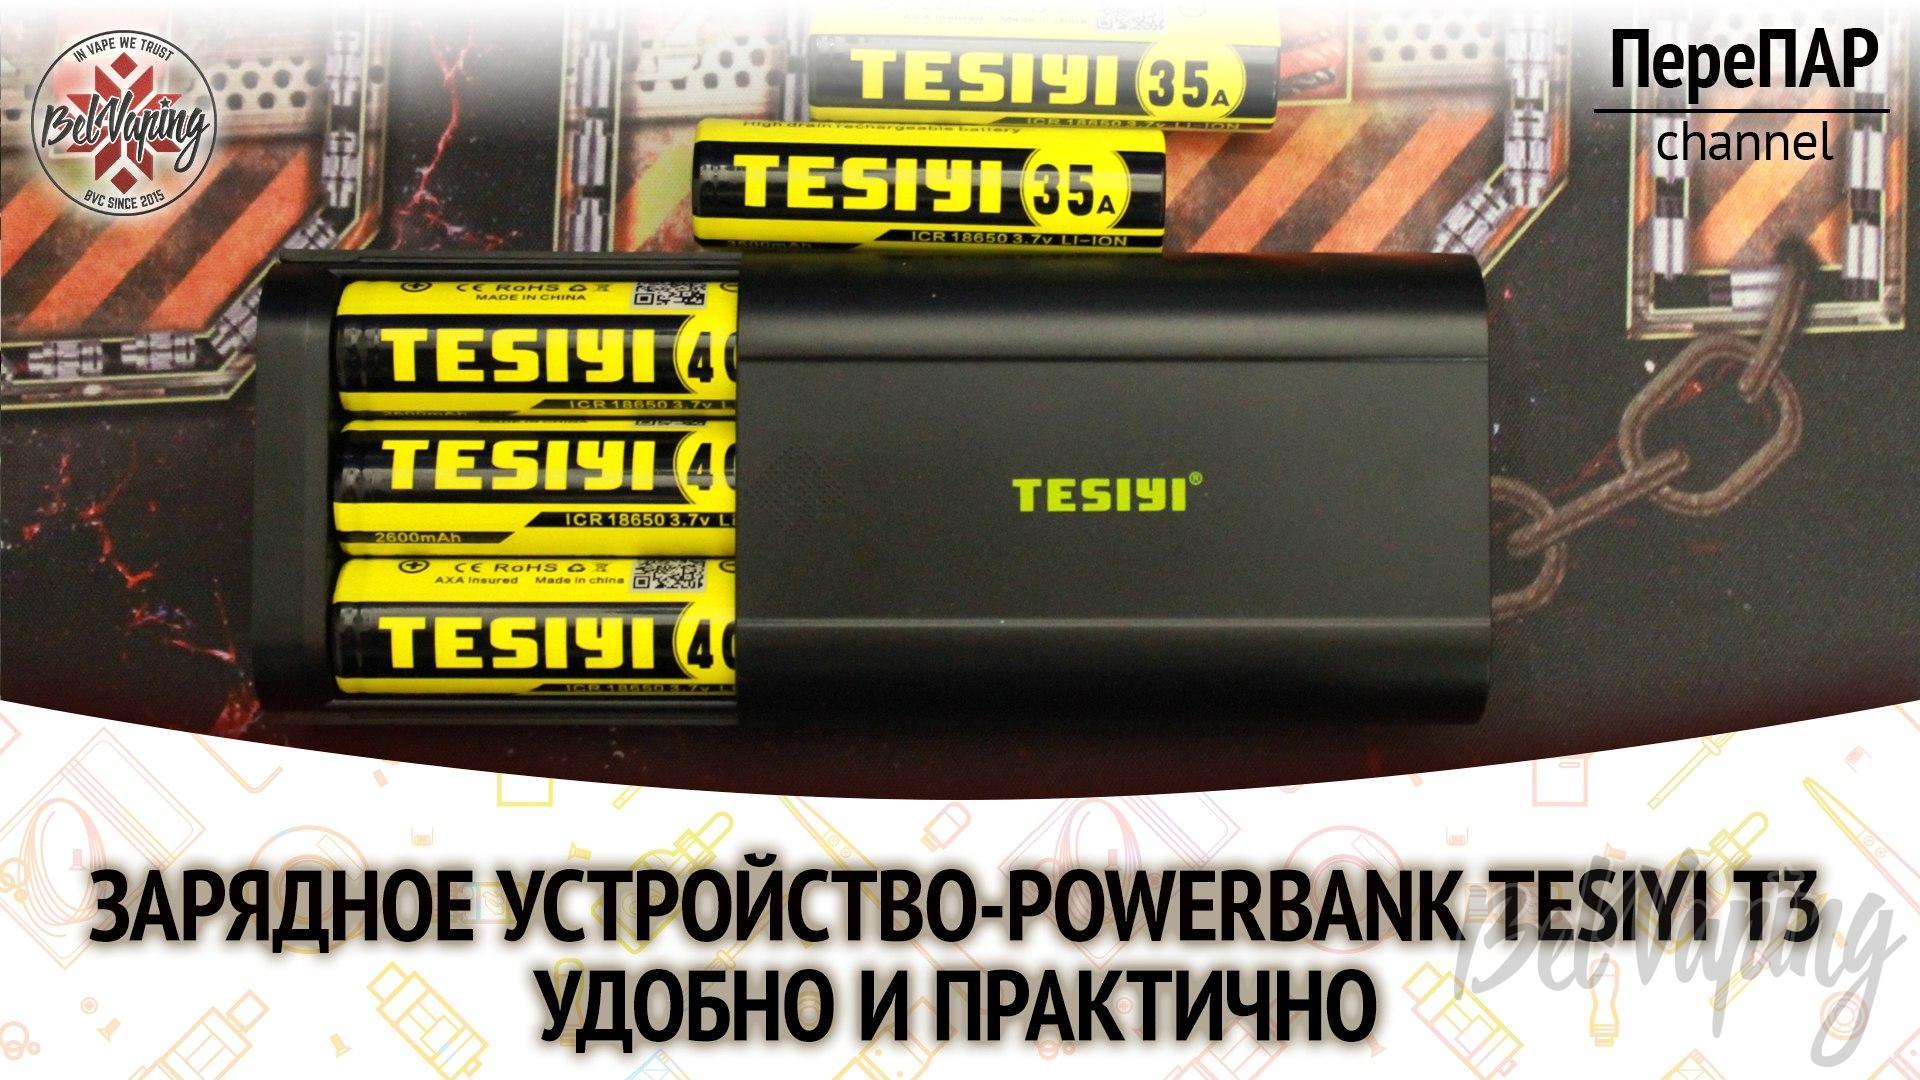 Обзор зарядного устройства-powerbank Tesiyi T3